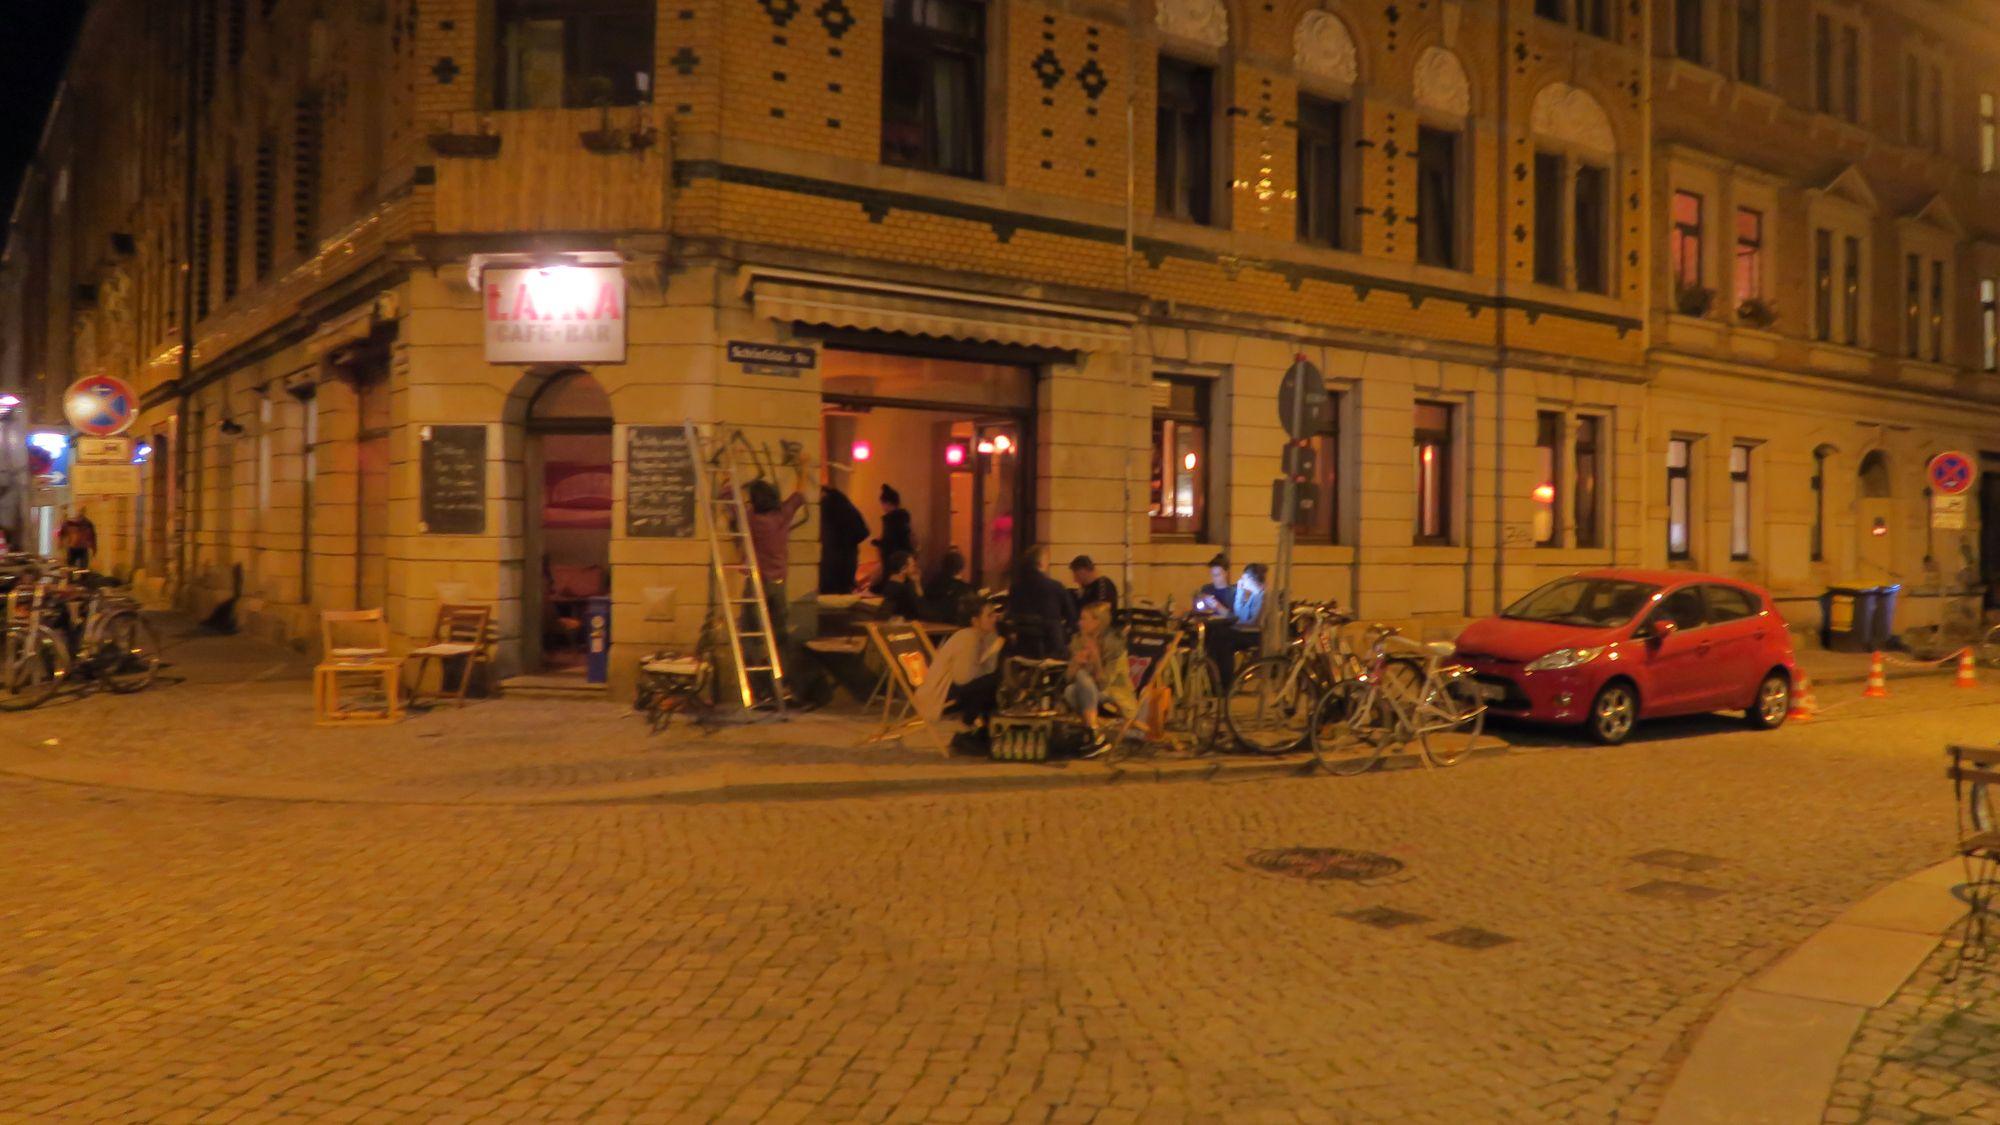 Das Laika schloss um 22 Uhr, damit die Nacht über dort ungestört gedreht werden konnte.